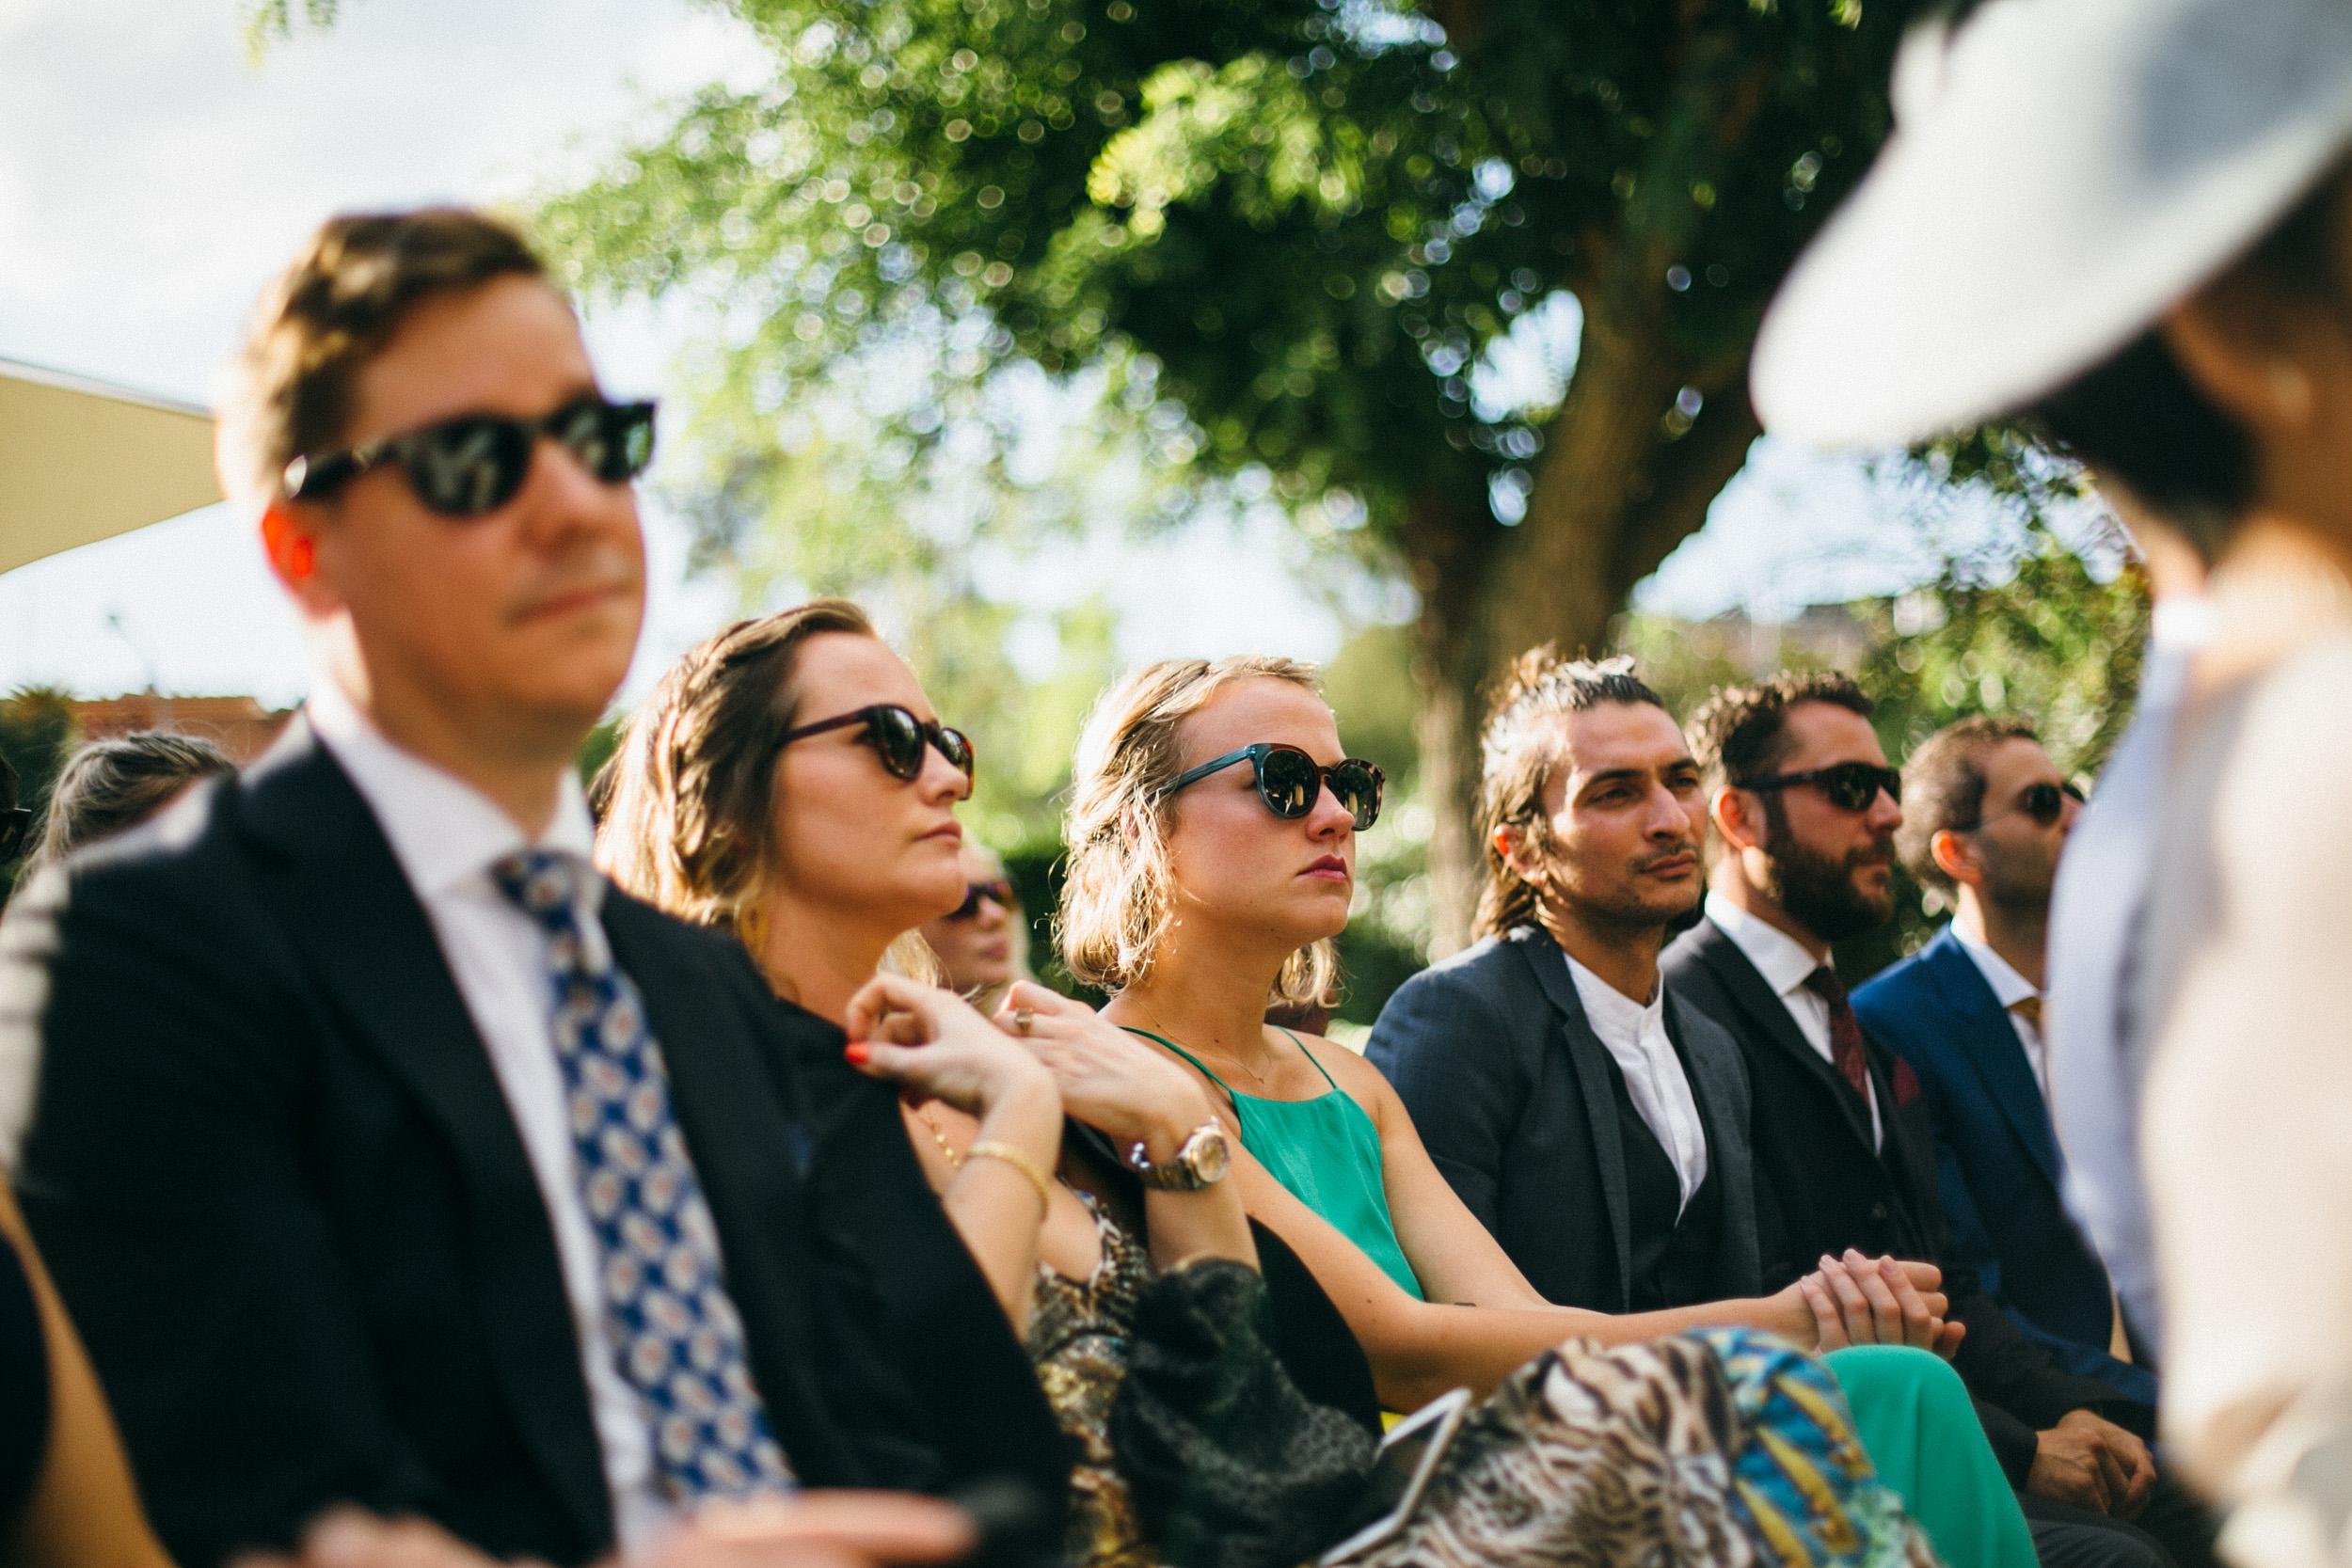 fotografos_boda_wedding_barcelona_valencia076.jpg